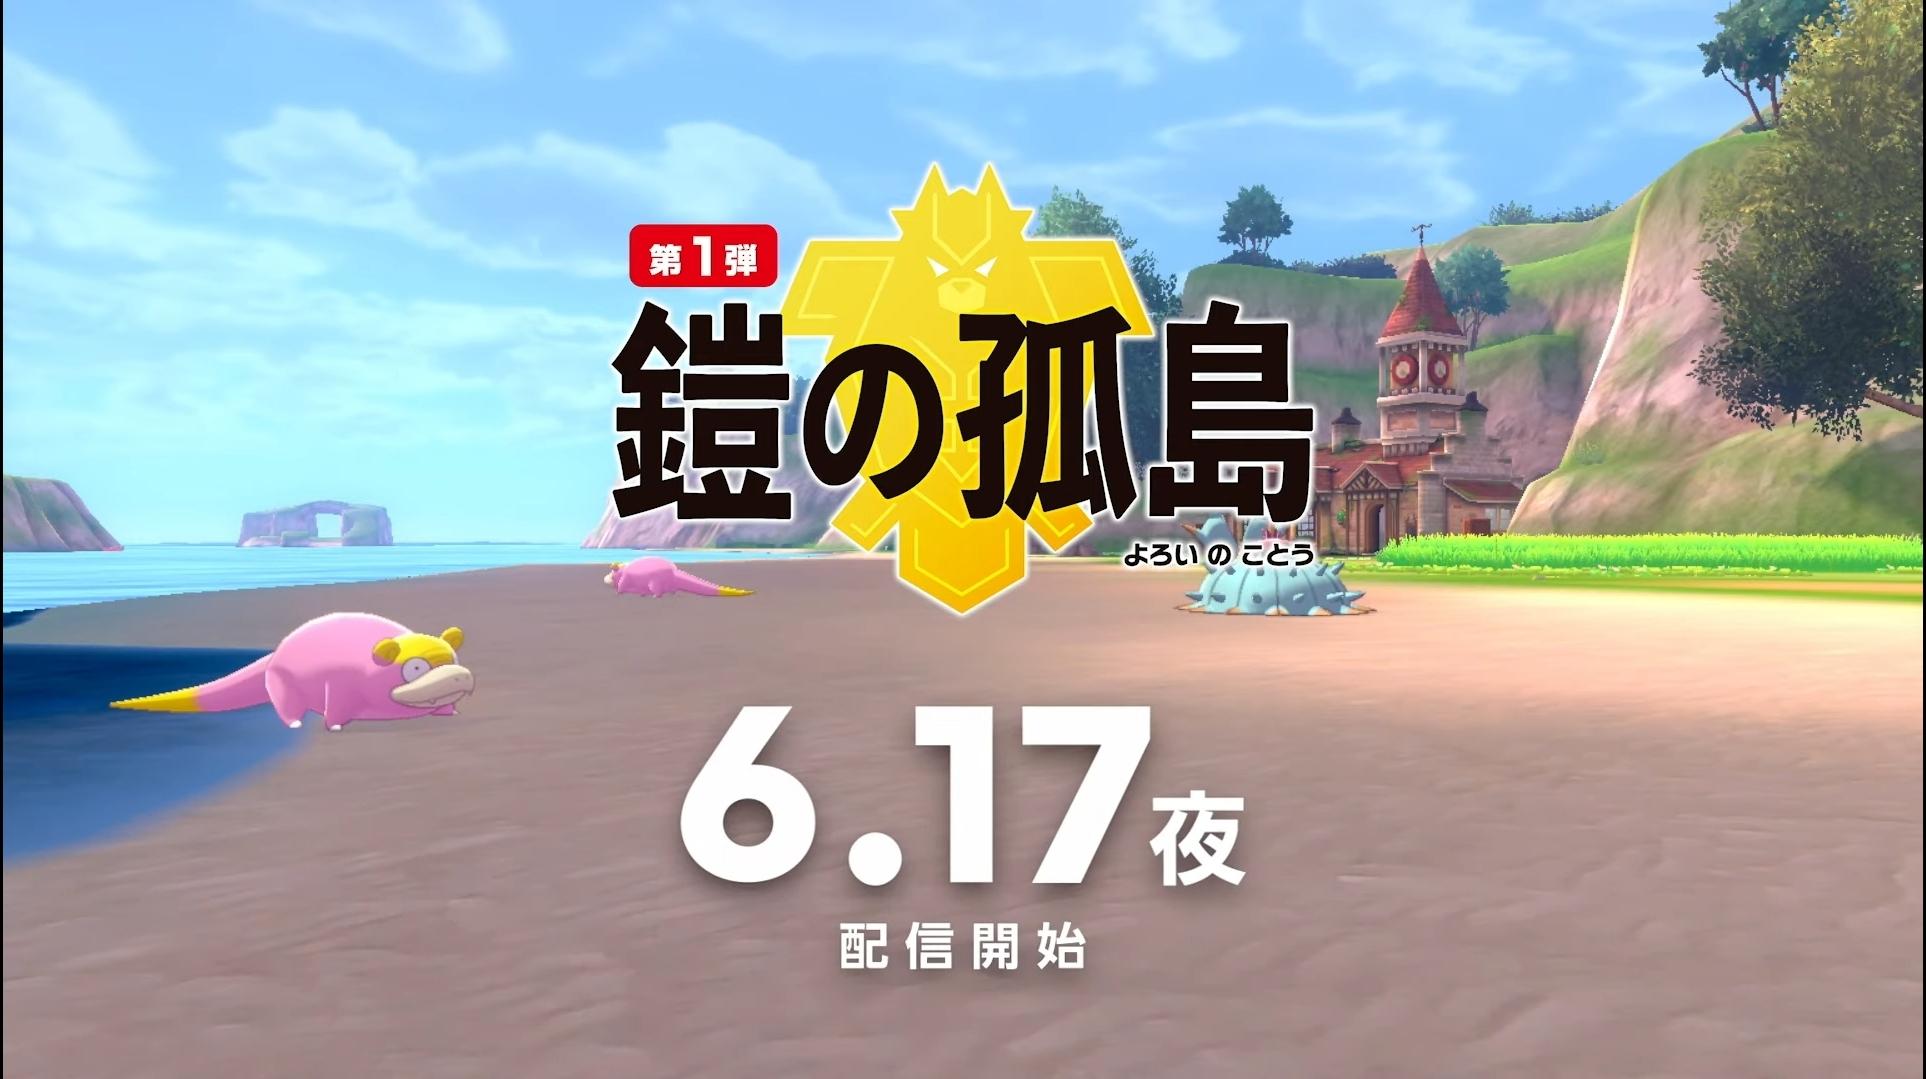 HaABAHf - ポケモン剣盾 鎧の孤島、6月17日発売決定!!